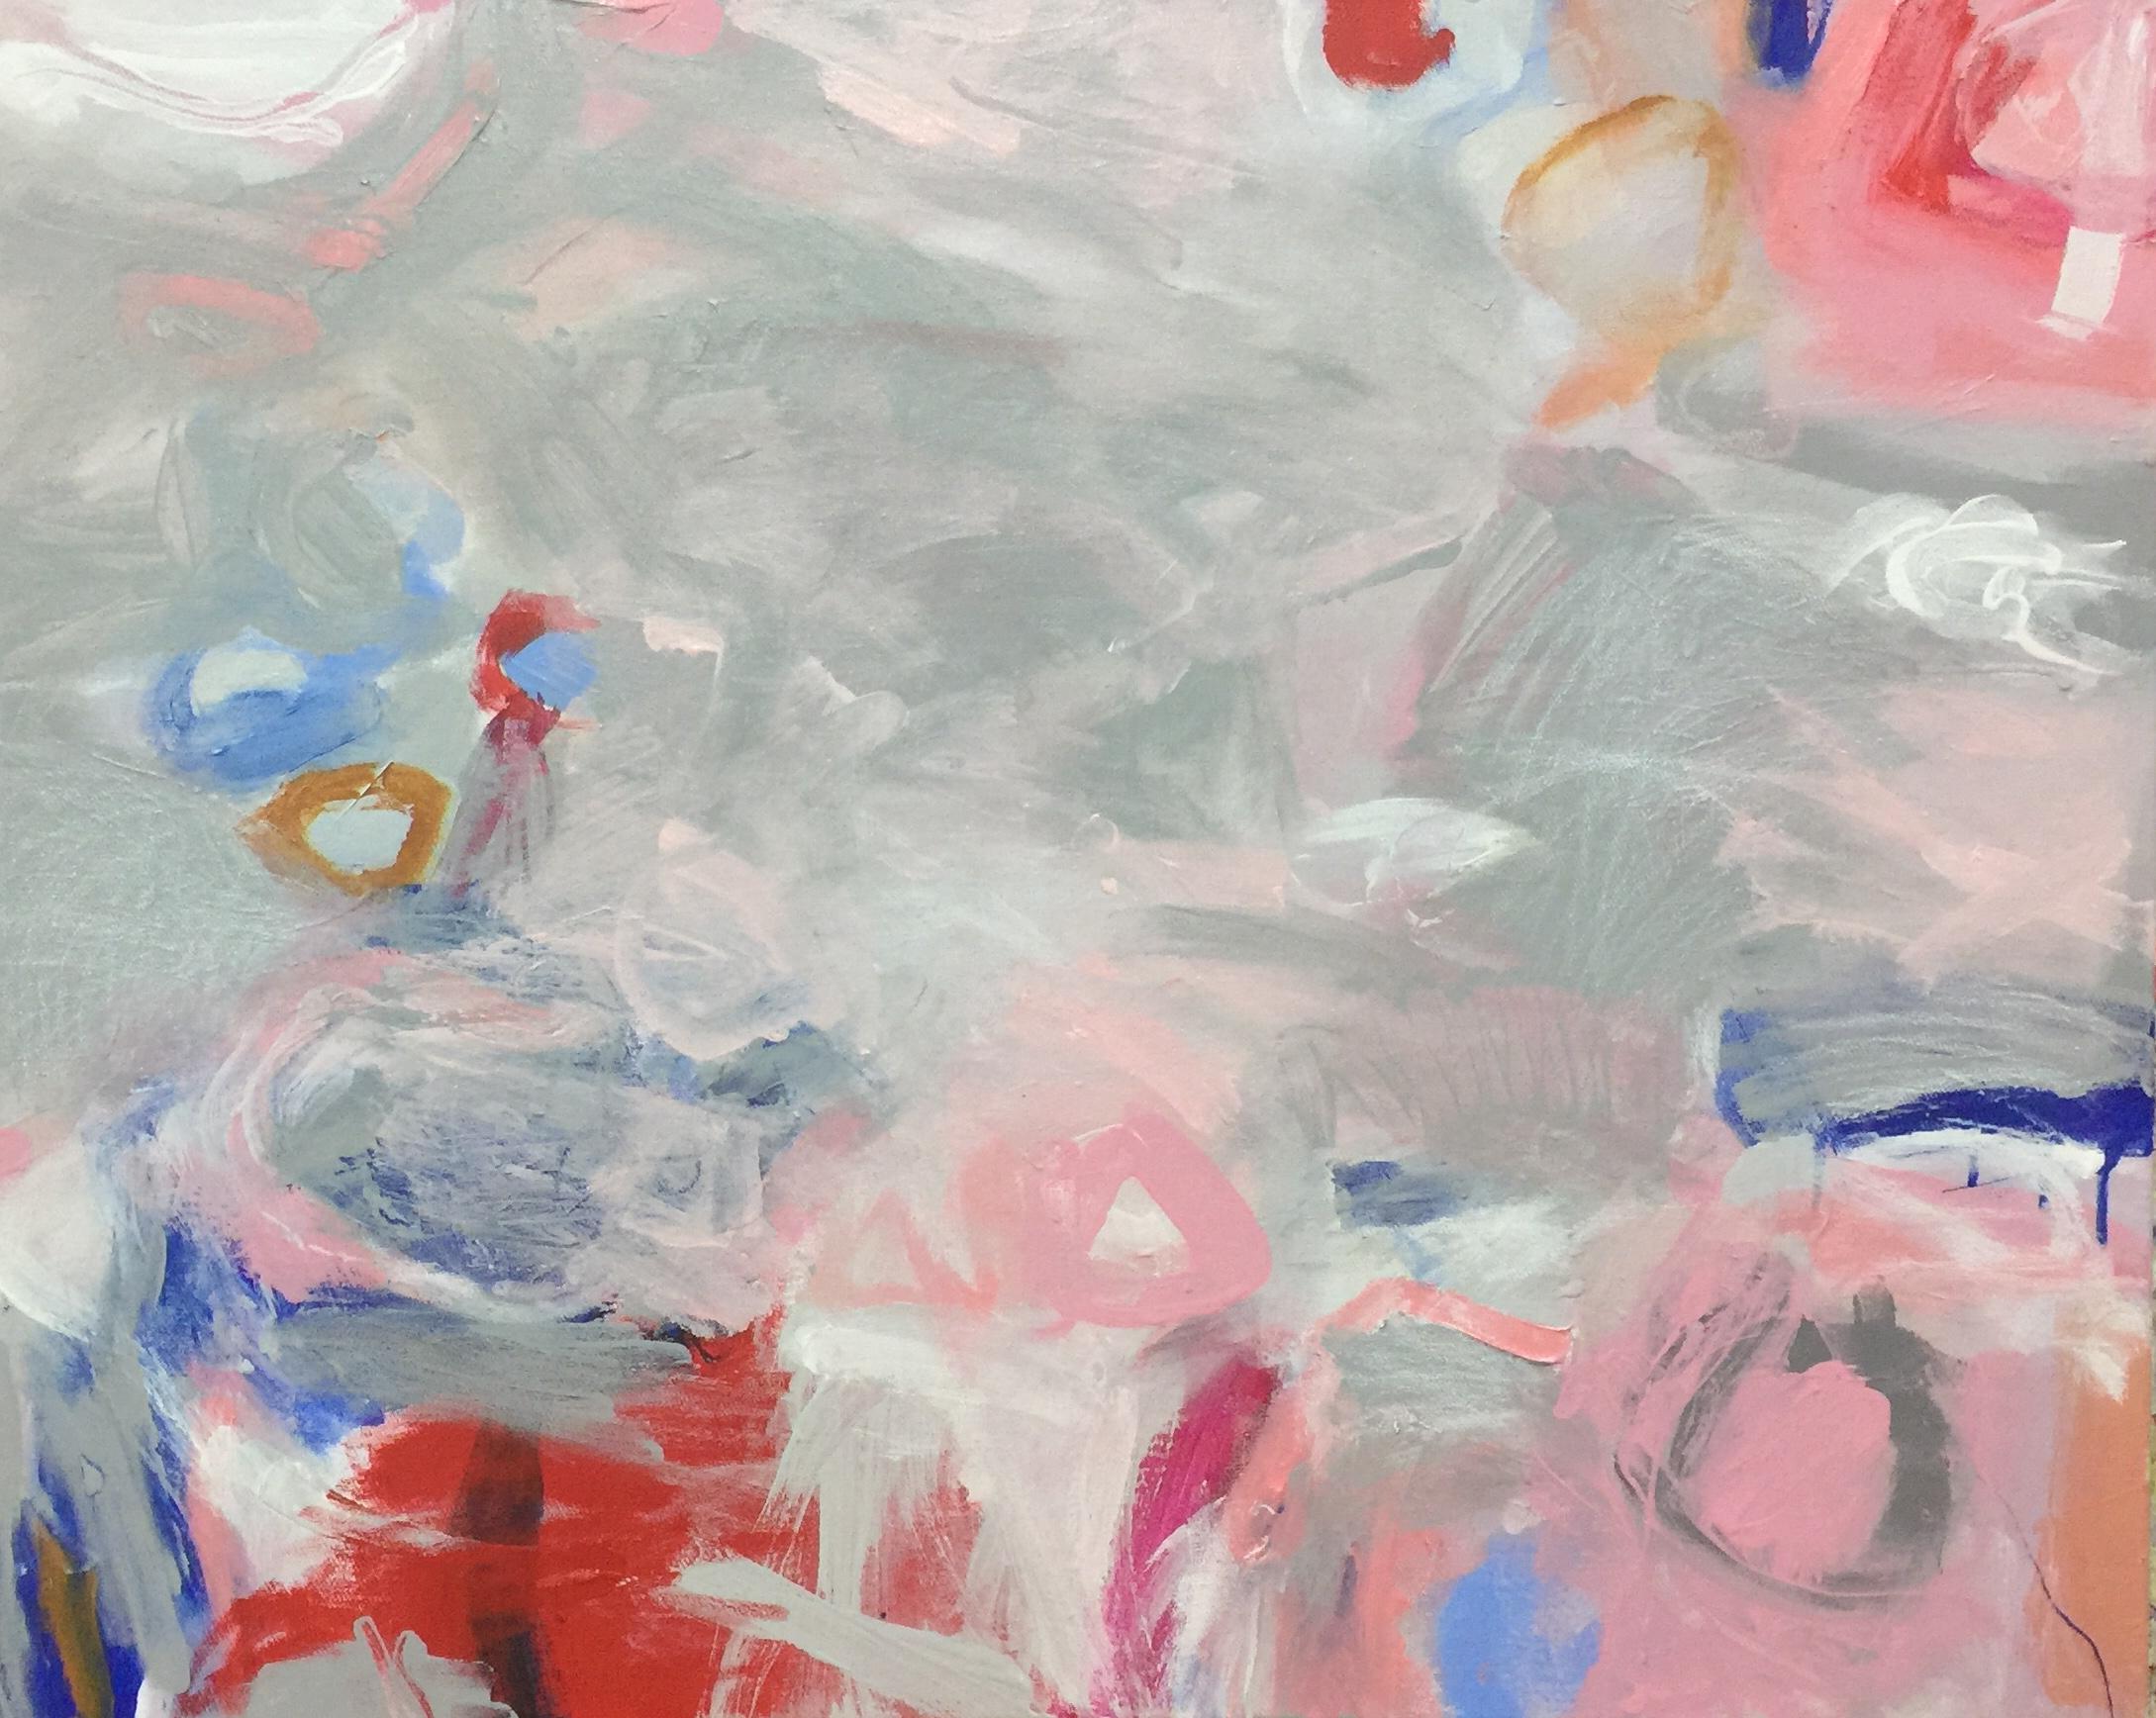 Ruth le Cheminant Covid19 2 acrylic on canvas 62cm x 77cm